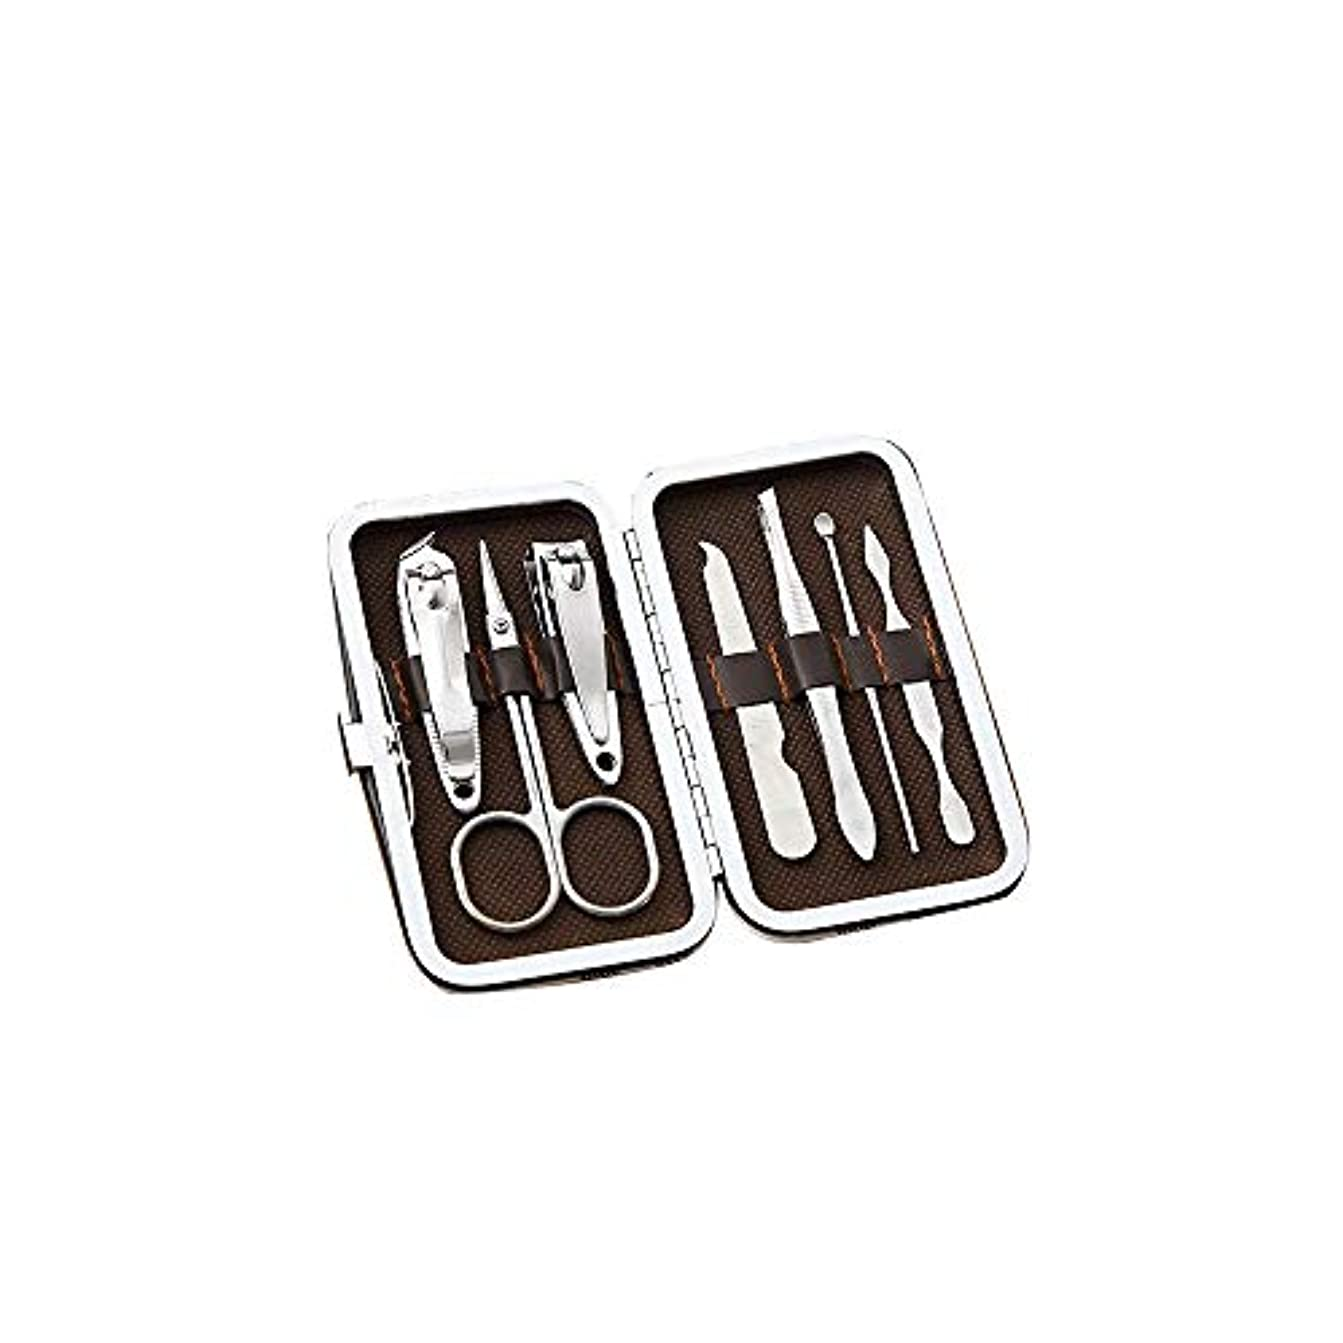 電圧東方突破口美容ネイルツールセットステンレス爪切りセット携帯便利爪切りセットコーヒーグリッド、7点セット